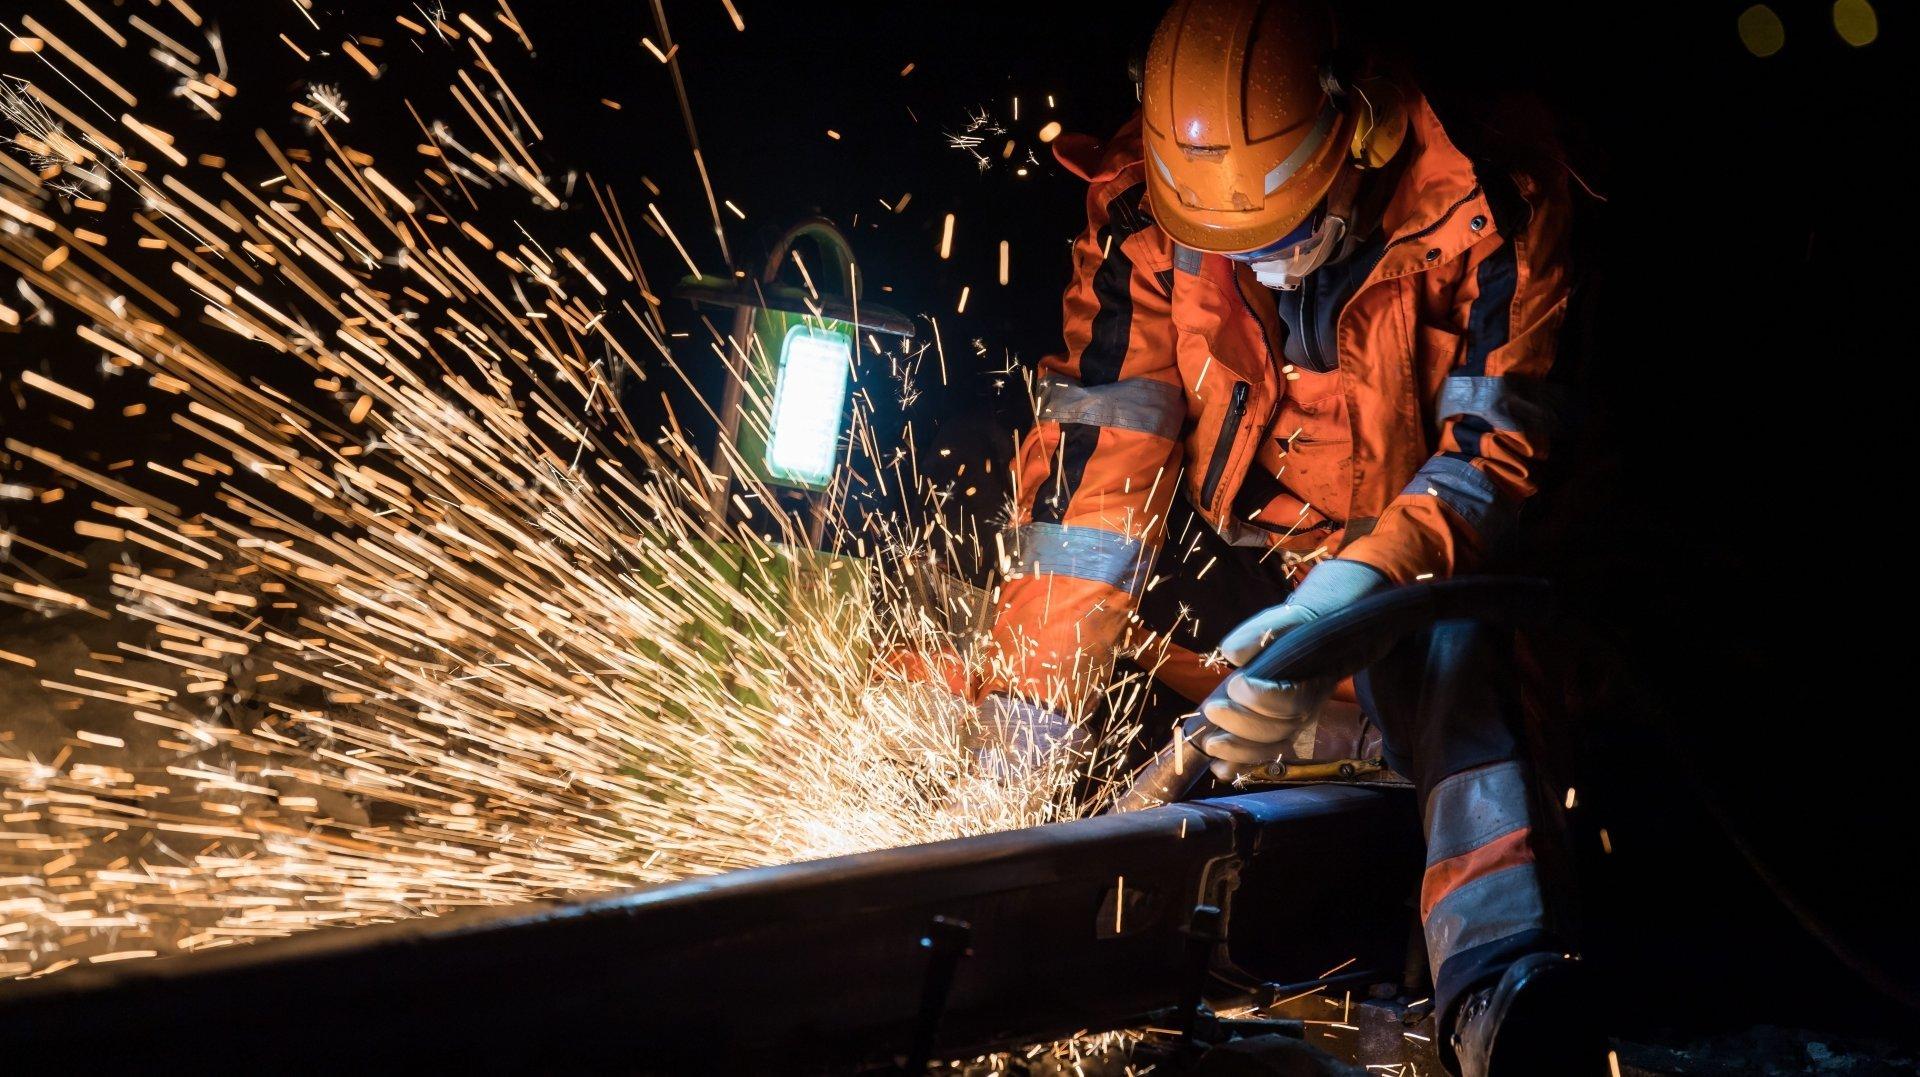 Des travaux bruyants se dérouleront entre Neuchâtel et Saint-Blaise, de nuit, entre le 26 juillet et le 5 septembre.